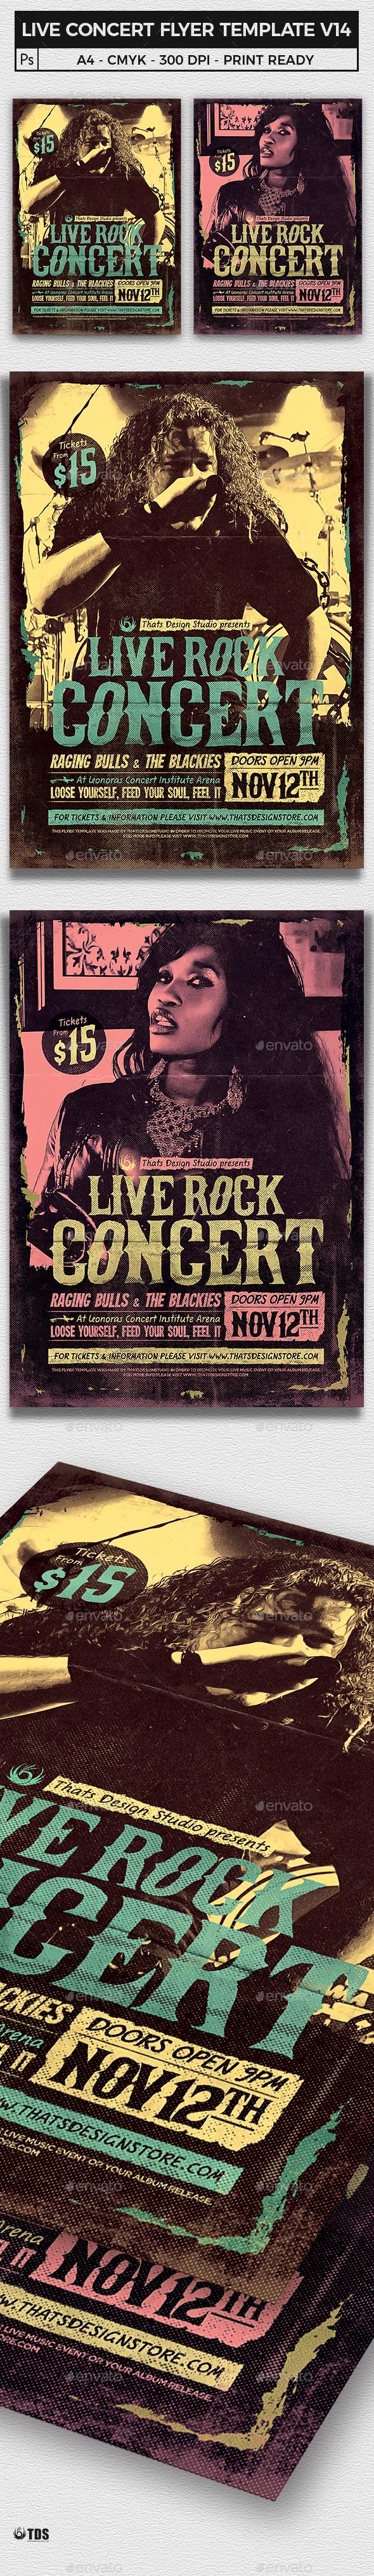 Live Concert Flyer Template V14 - Concerts Events